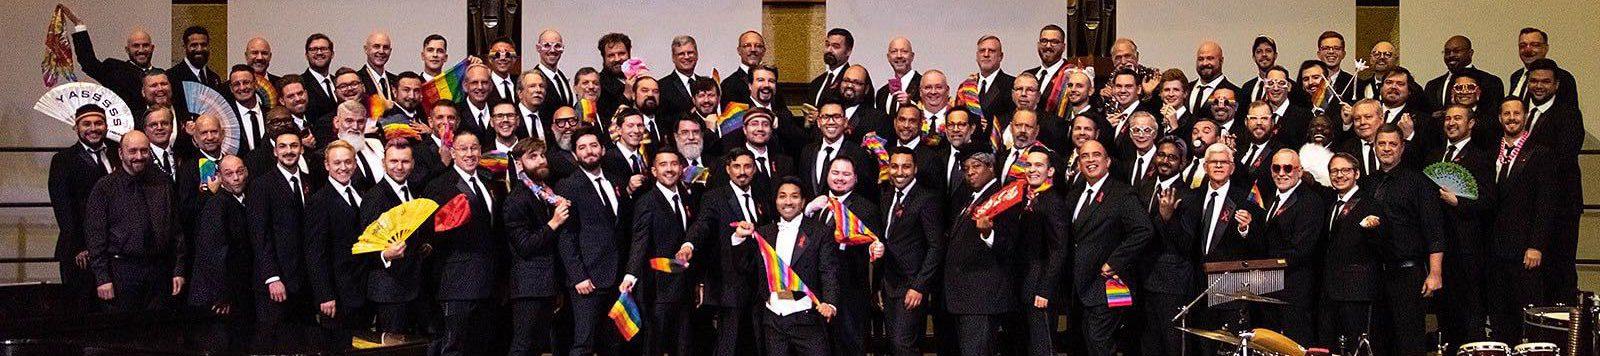 Capital City Men's Chorus